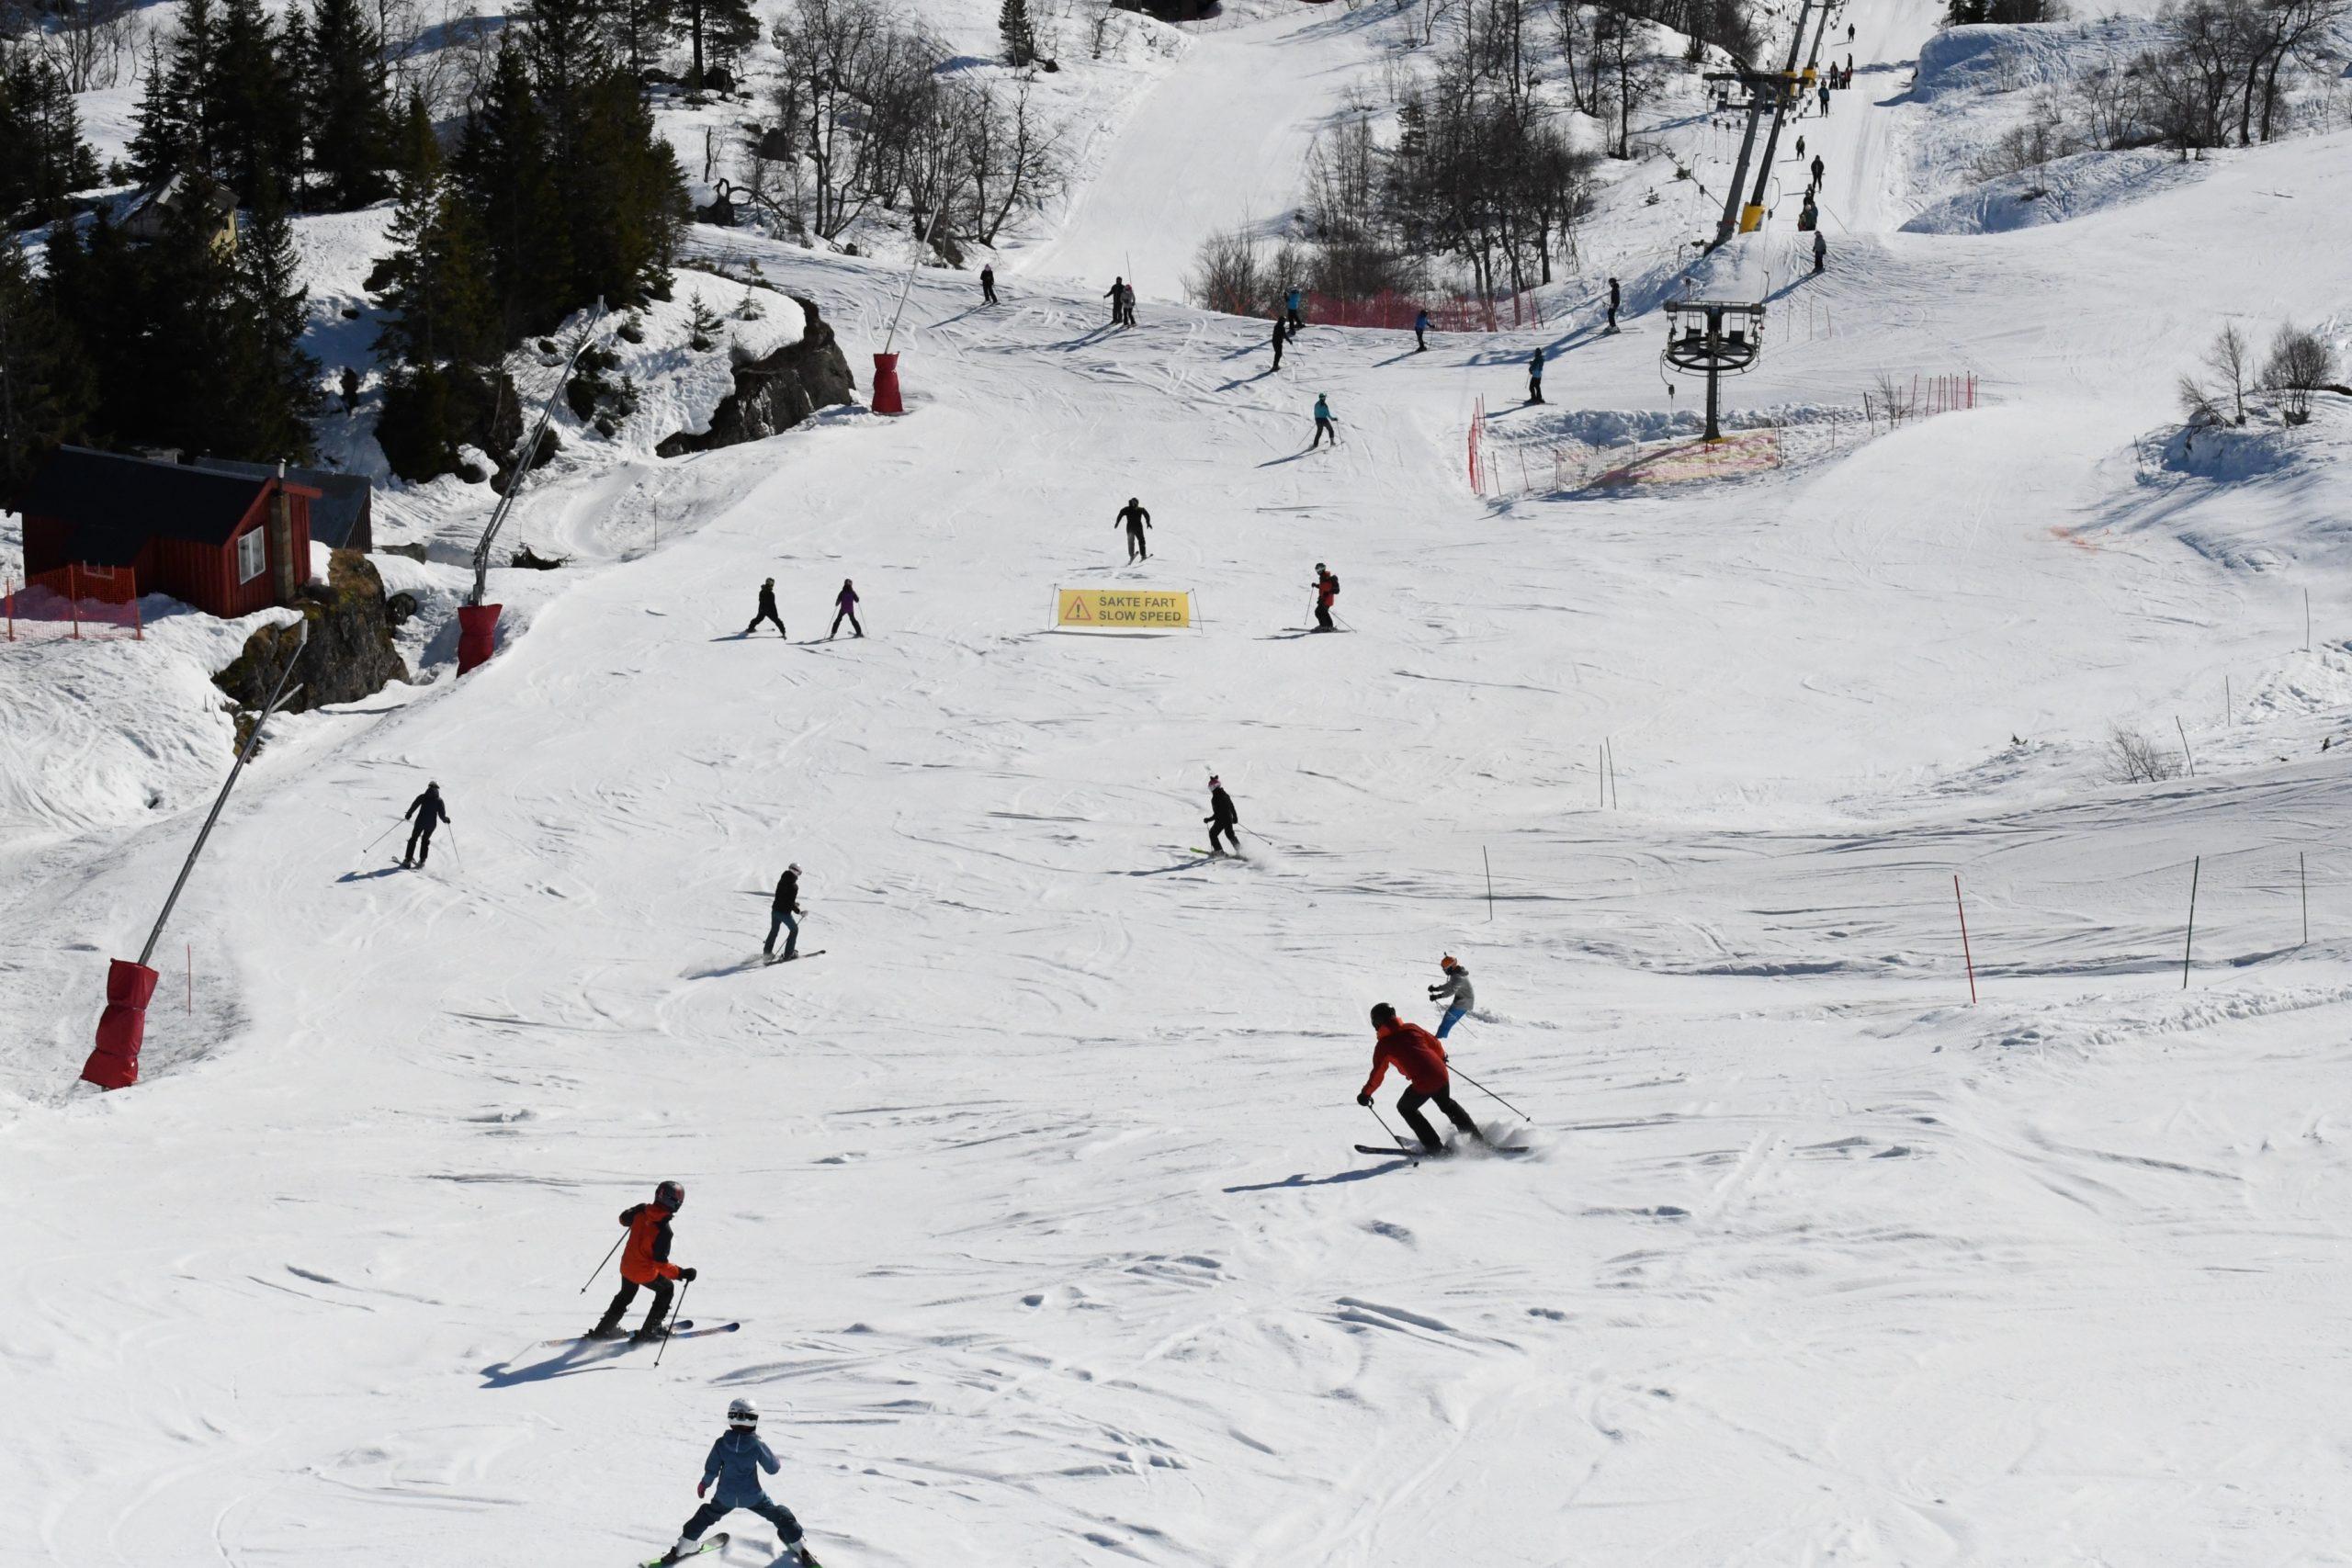 Et bilde som inneholder snø, utendørs, skibakke, gå på ski  Automatisk generert beskrivelse